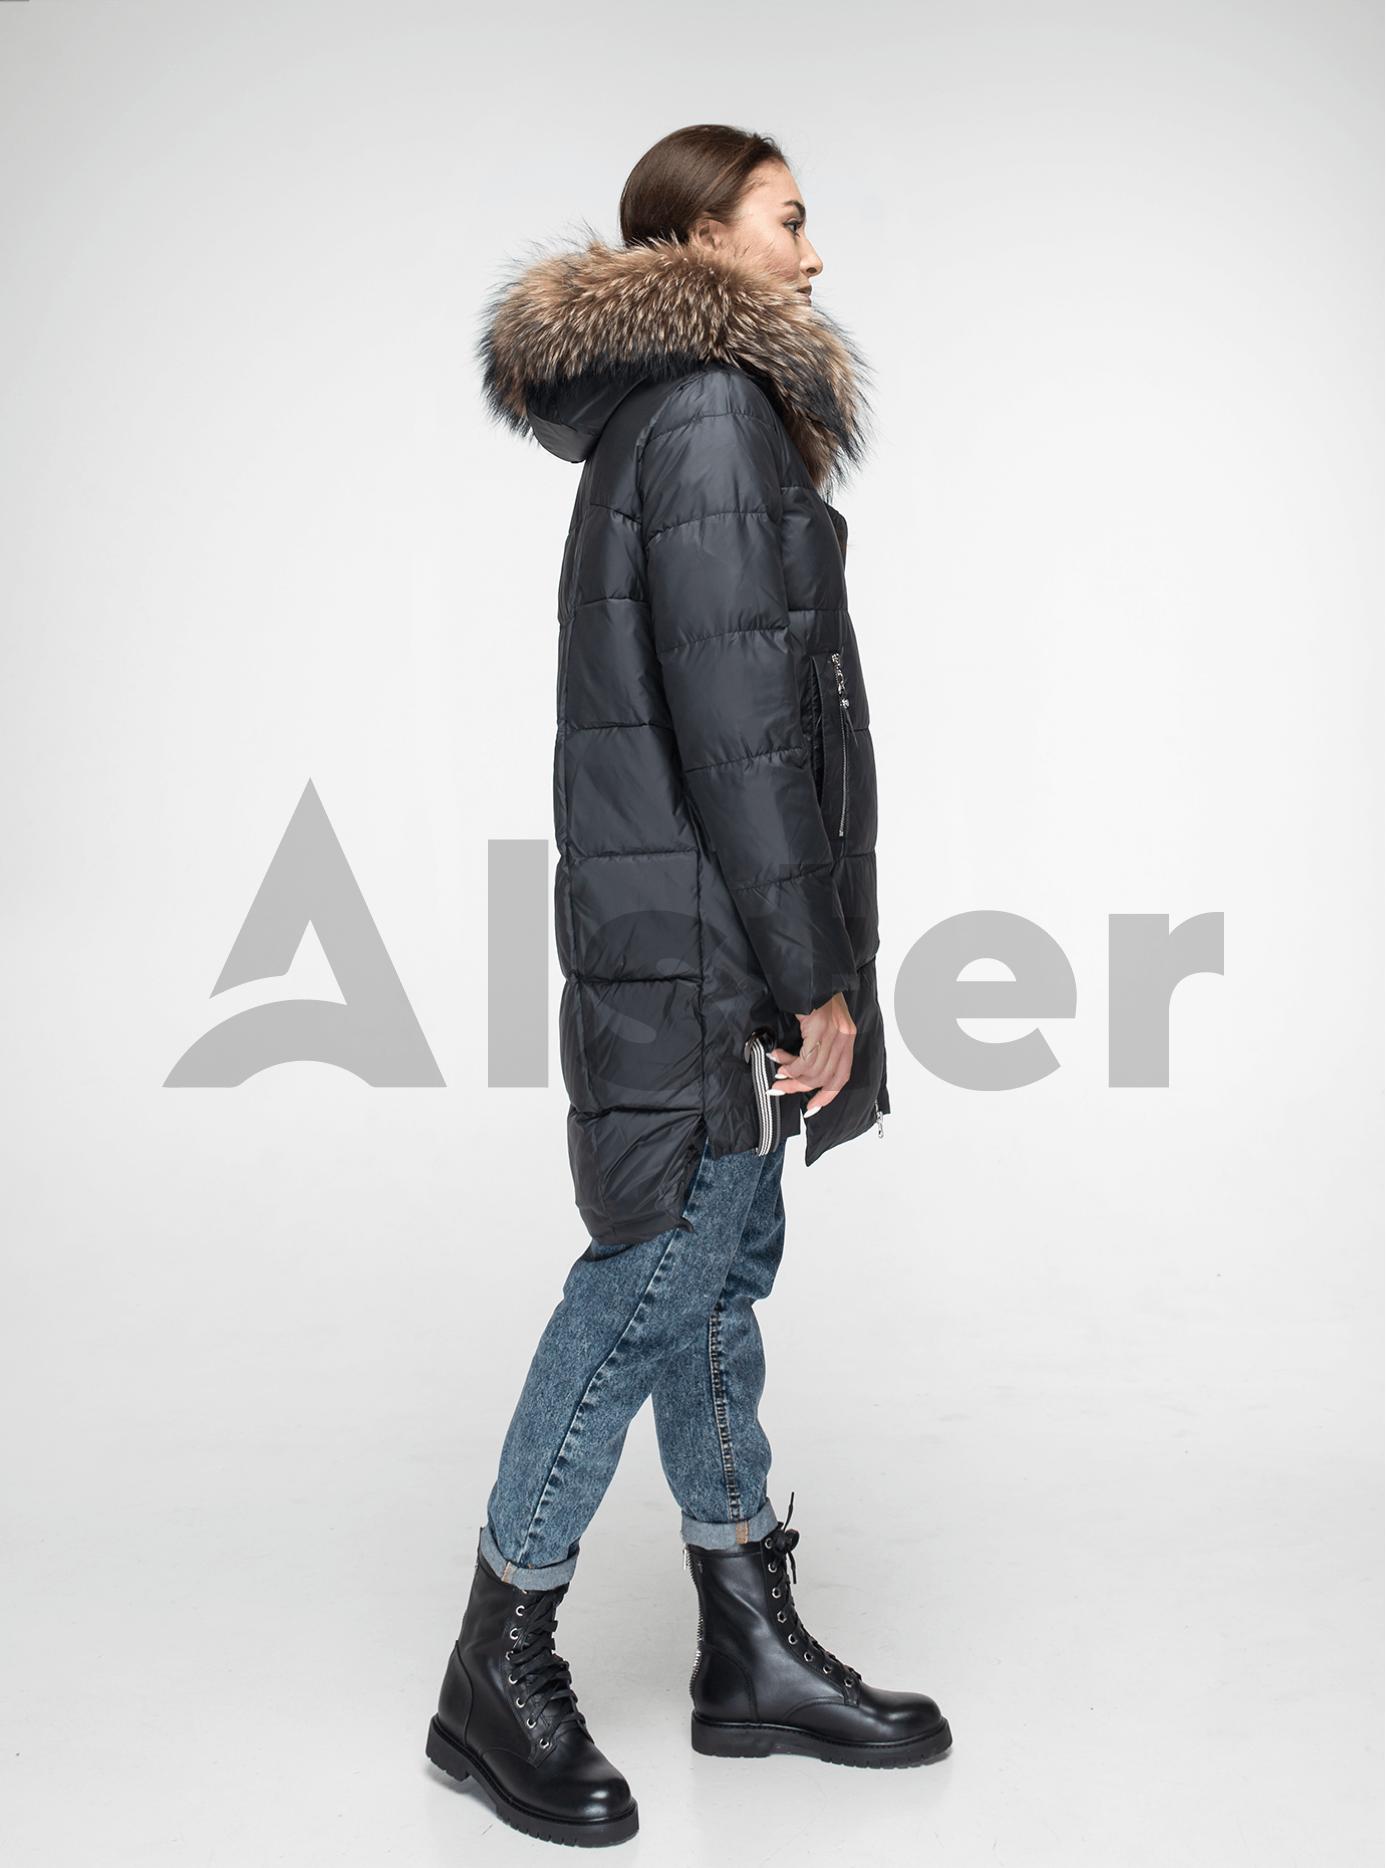 Куртка зимняя с мехом енота Чёрный M (05-V191095): фото - Alster.ua